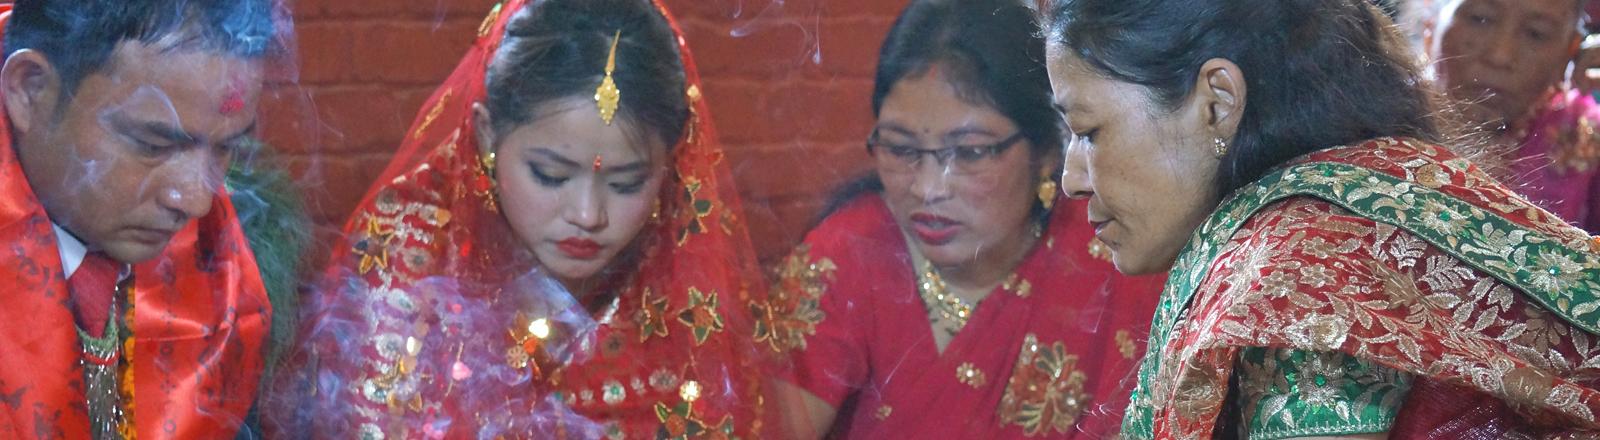 Braut und Bräutigam auf einer nepalesischen Hochzeit.